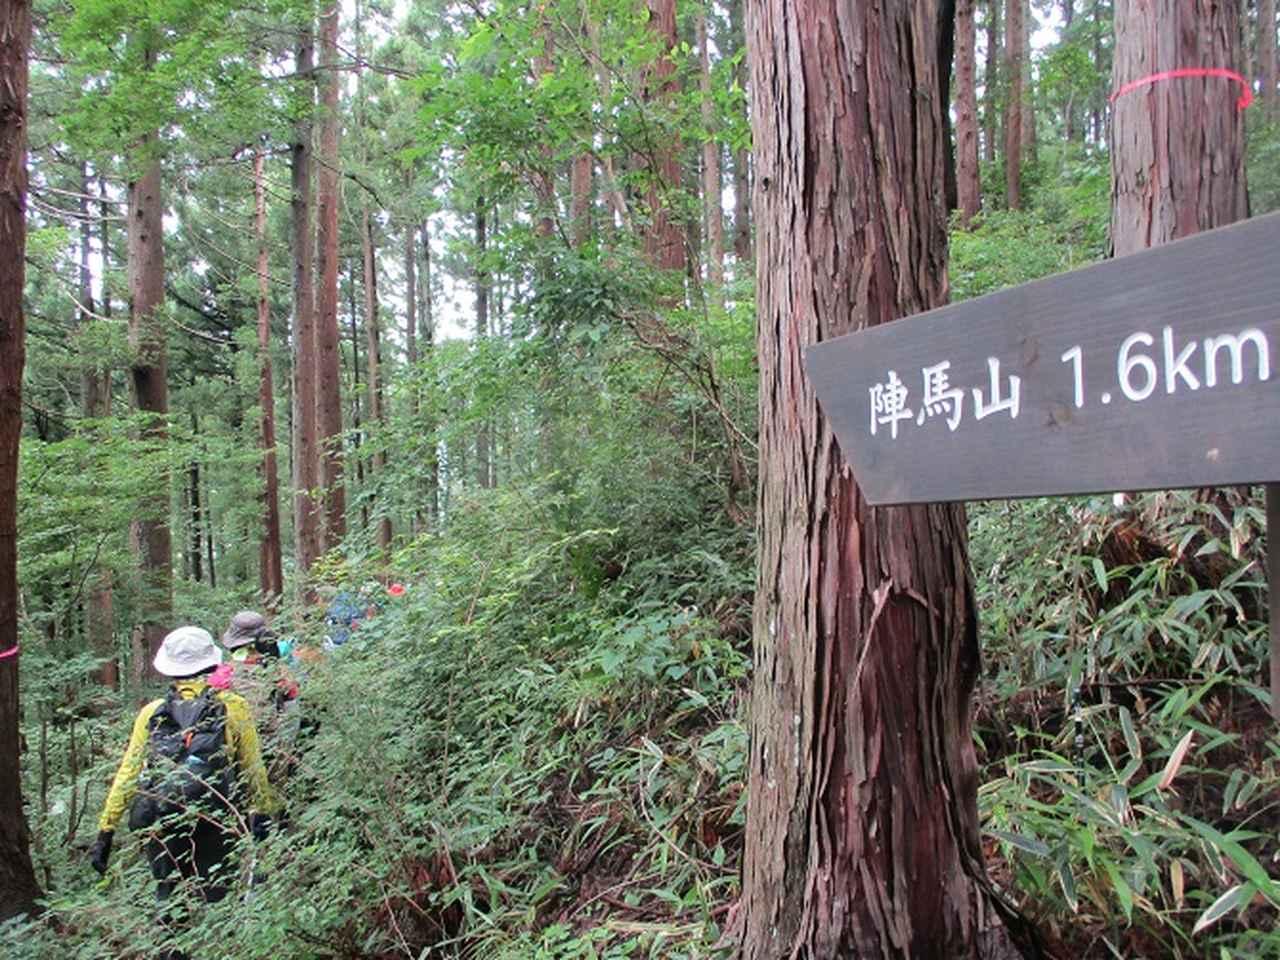 画像3: 7月13日に岡田ガイドの現地集合コースで、 陣馬山 へ行ってきました♪